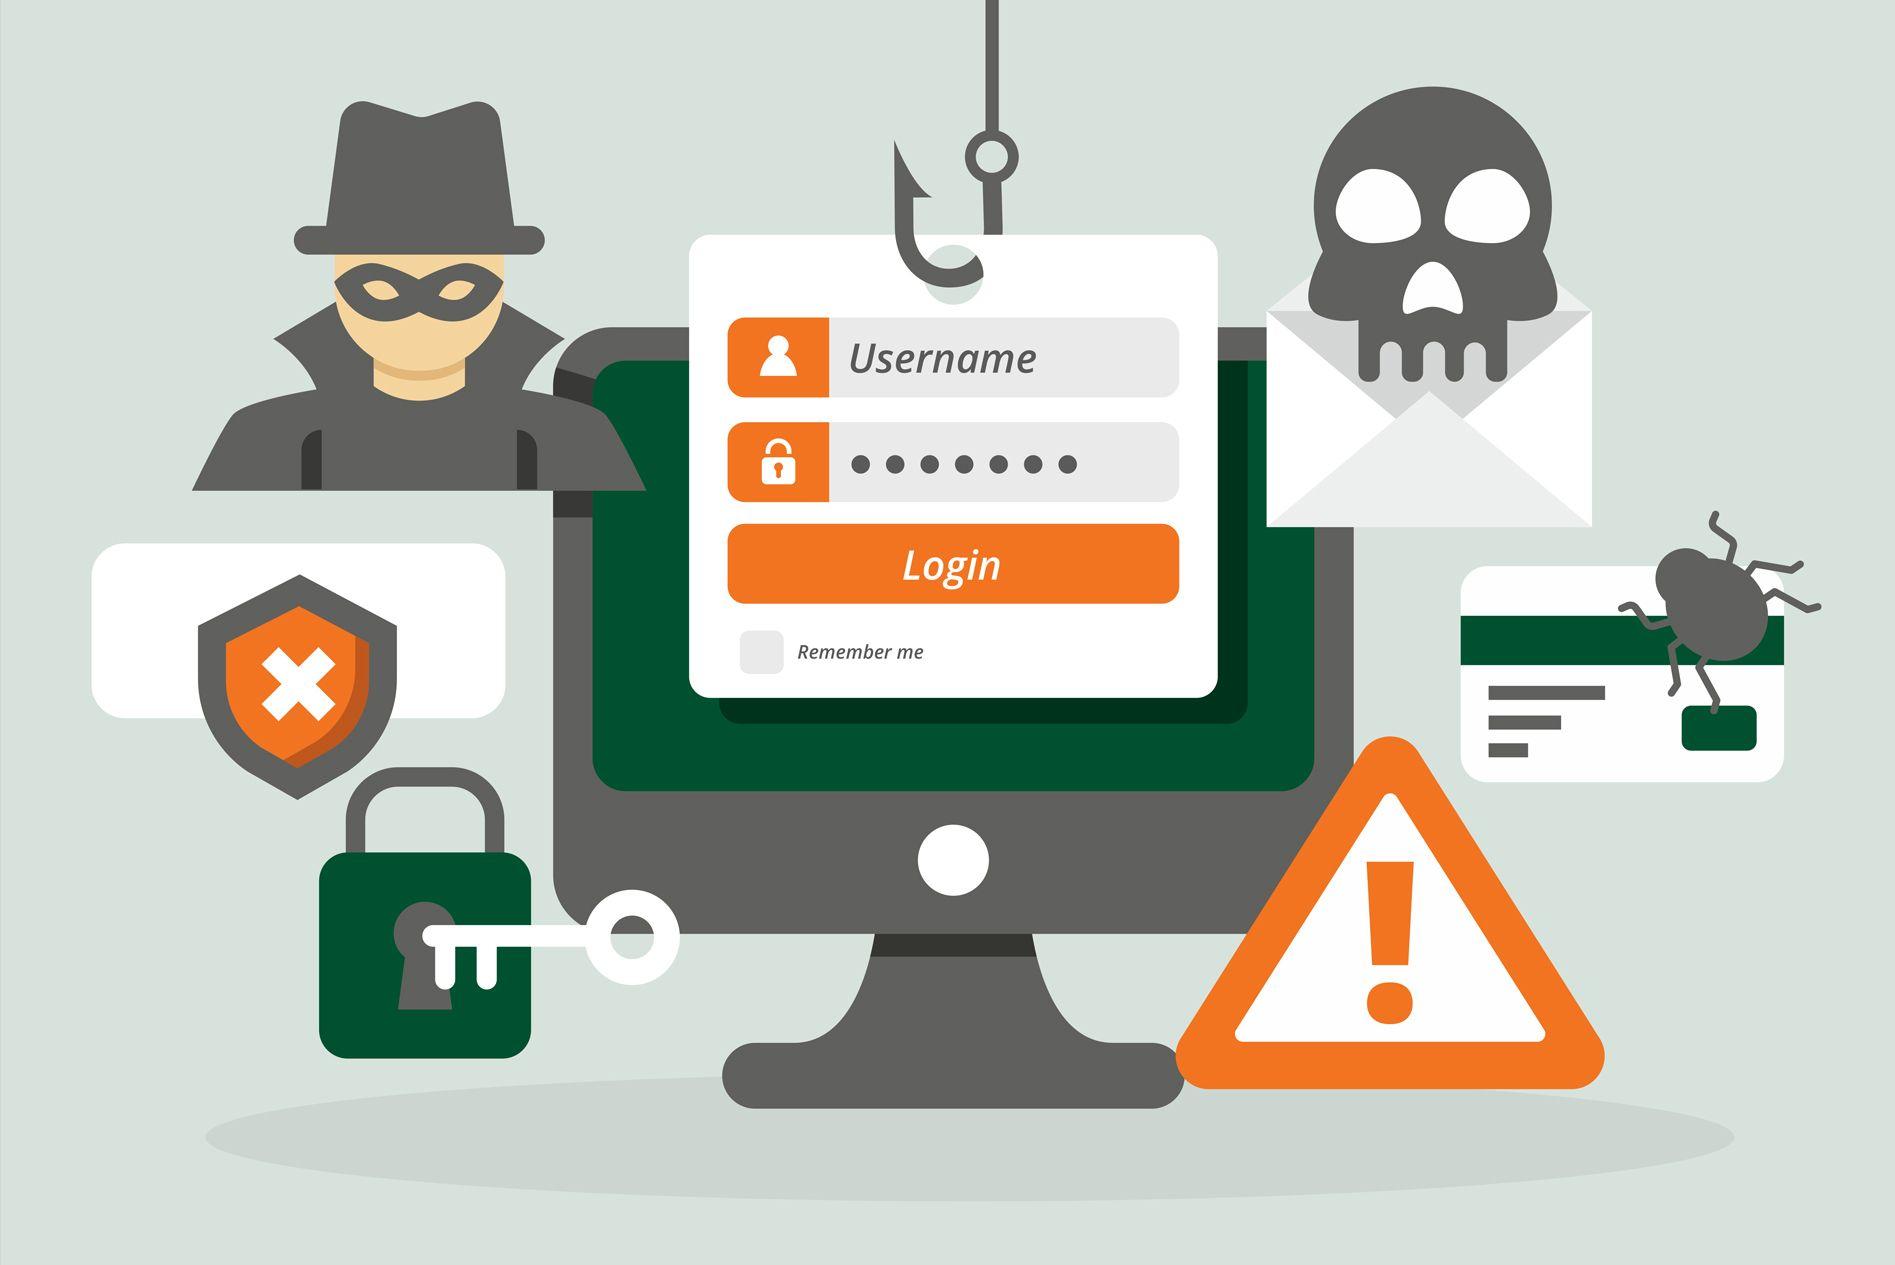 Luận bàn về trào lưu Phishing trong ngành tài chính, ngân hàng cuối năm 2019